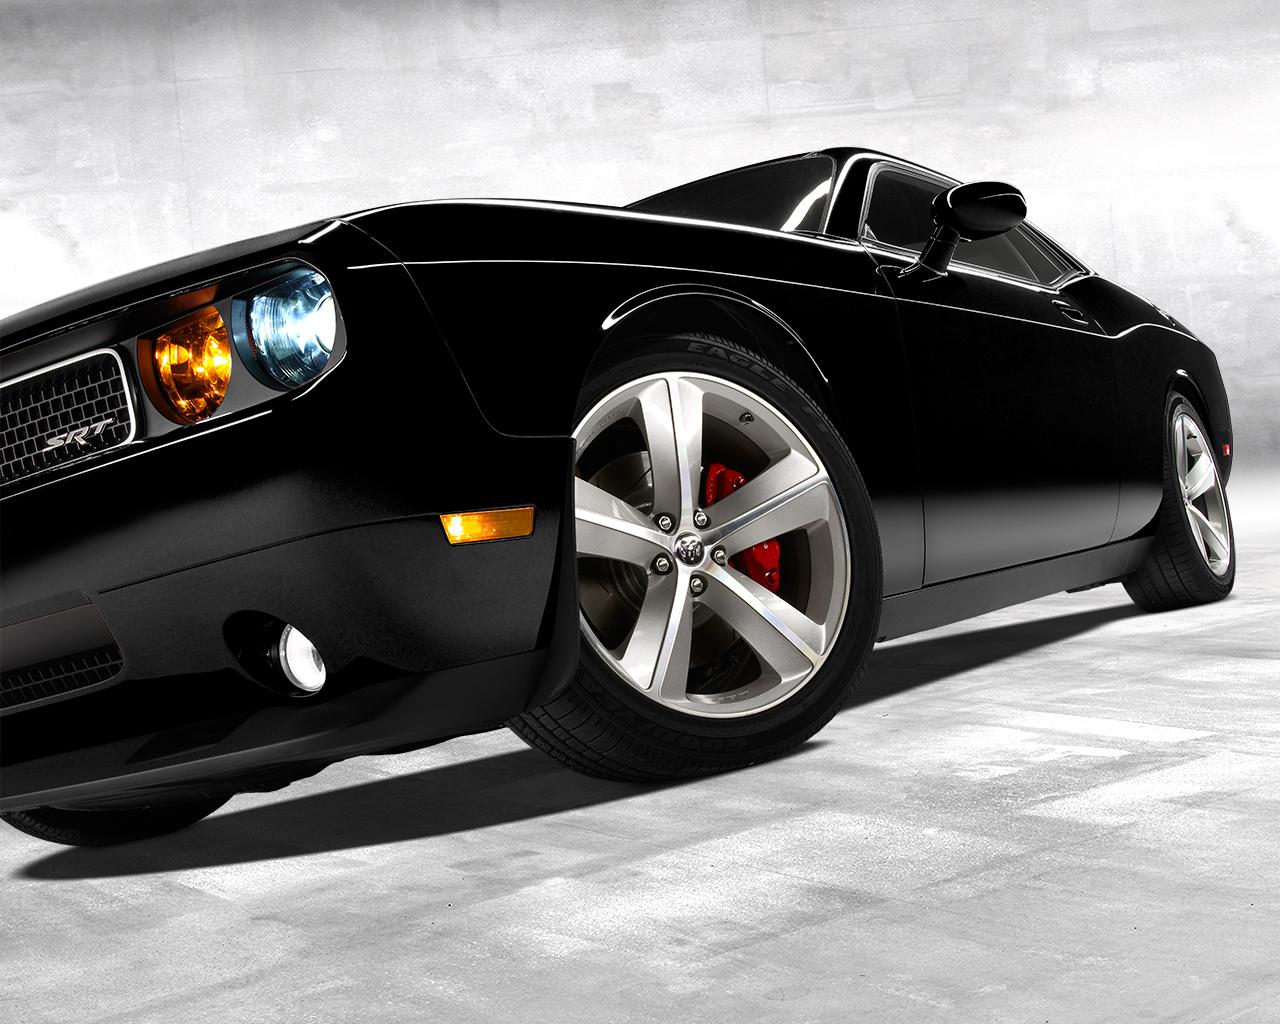 Description Dodge Challenger Wallpaper HD is a hi res Wallpaper for 1280x1024